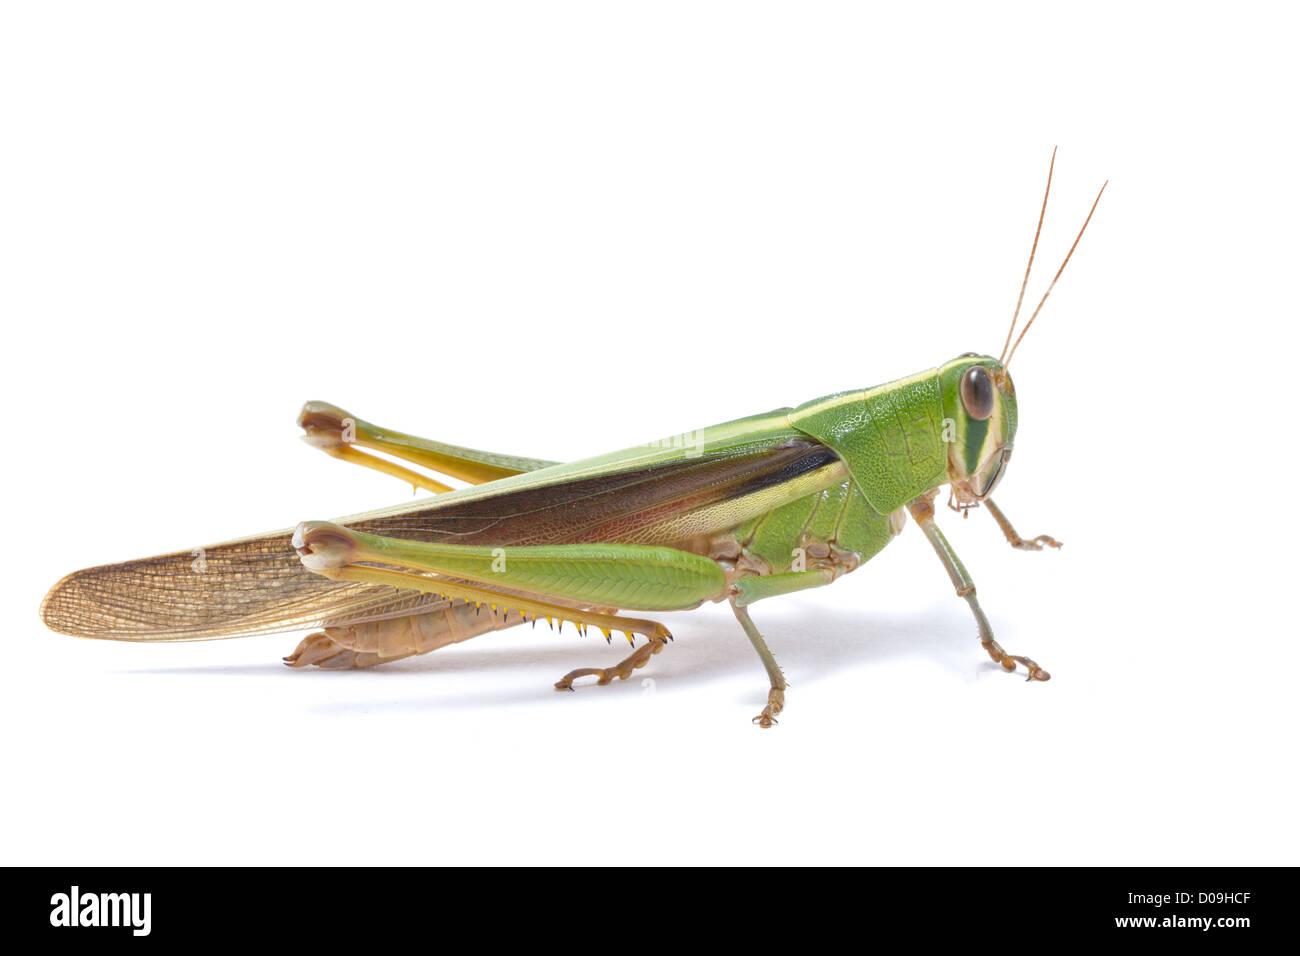 Grasshopper isoliert auf weißem Hintergrund. Stockbild